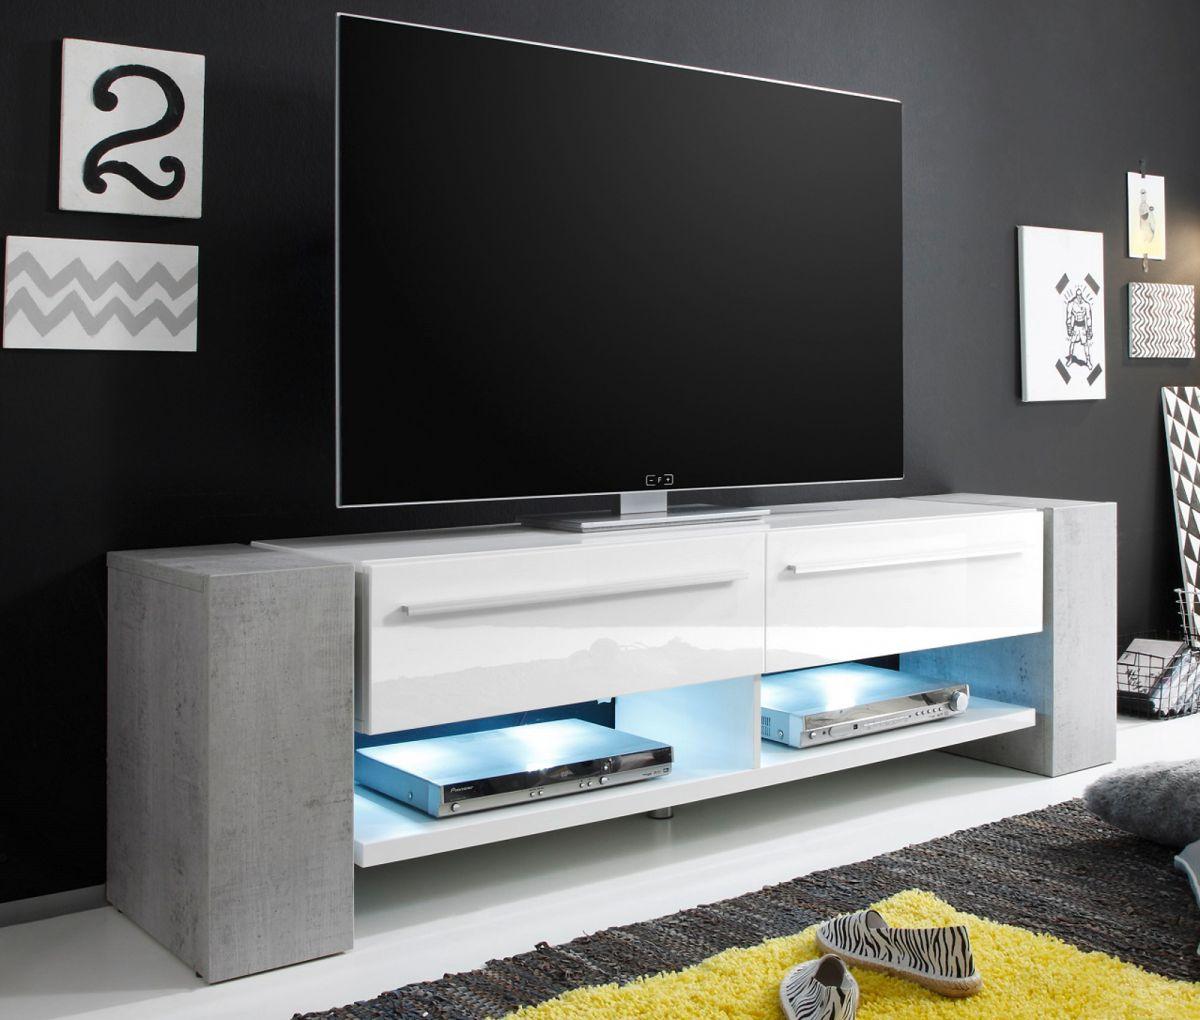 Lowboard Weiss Hochglanz  Preisvergleiche, Erfahrungsberichte und Kauf bei N -> Tv Lowboard Stoffbespannung